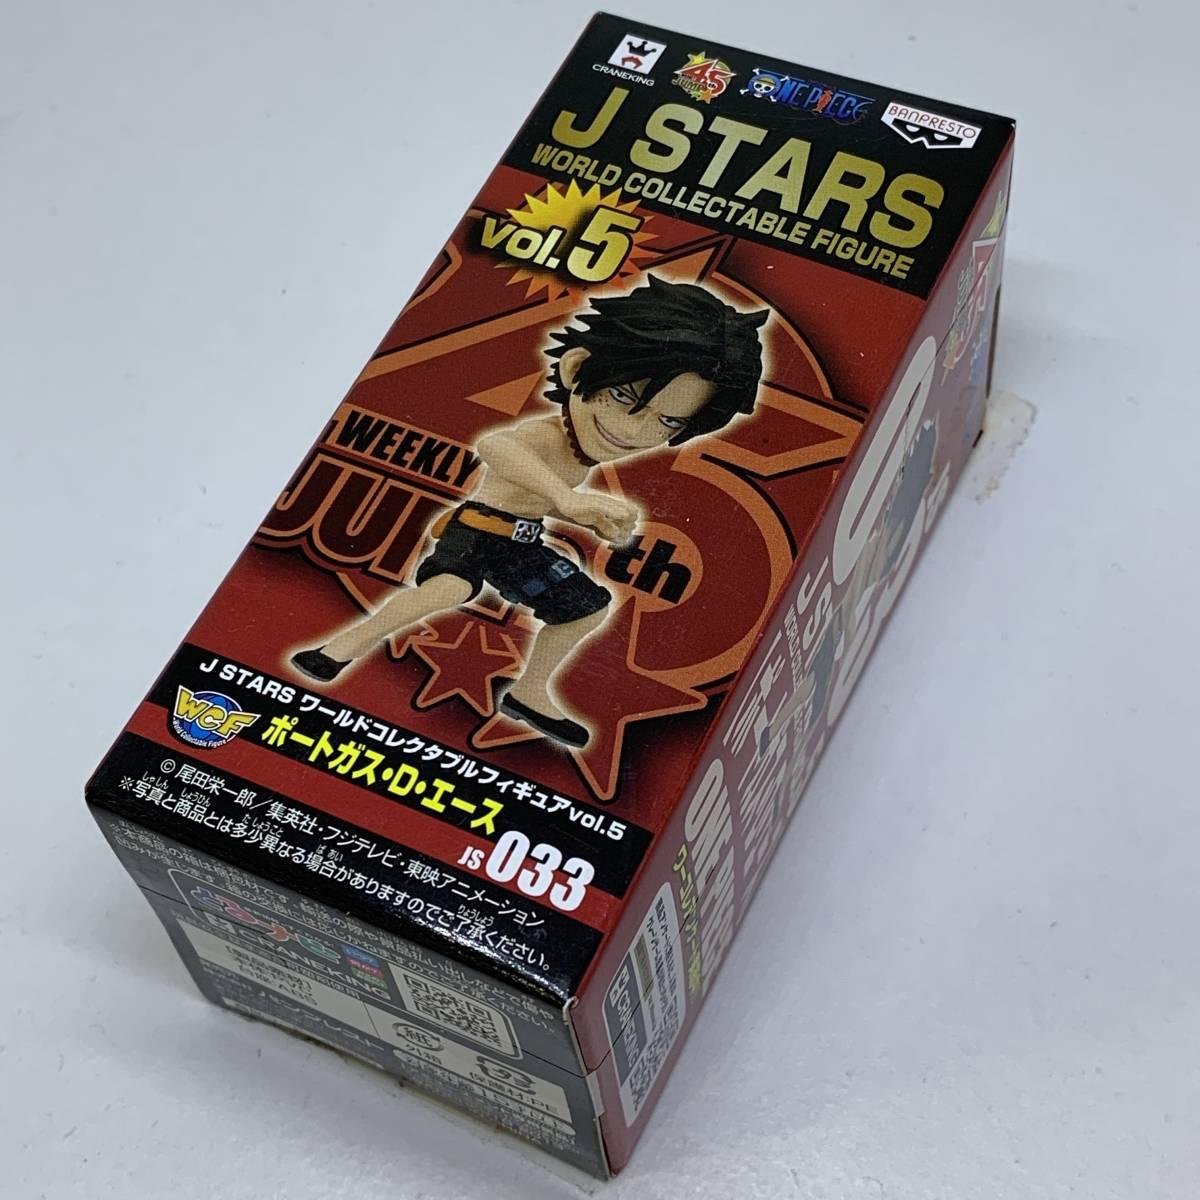 J STARS ワールドコレクタブルフィギュア vol.5 ポートガス・D・エース 【ワーコレ/WCF/ジャンプ/ワンピース/ONEPIECE】_画像1